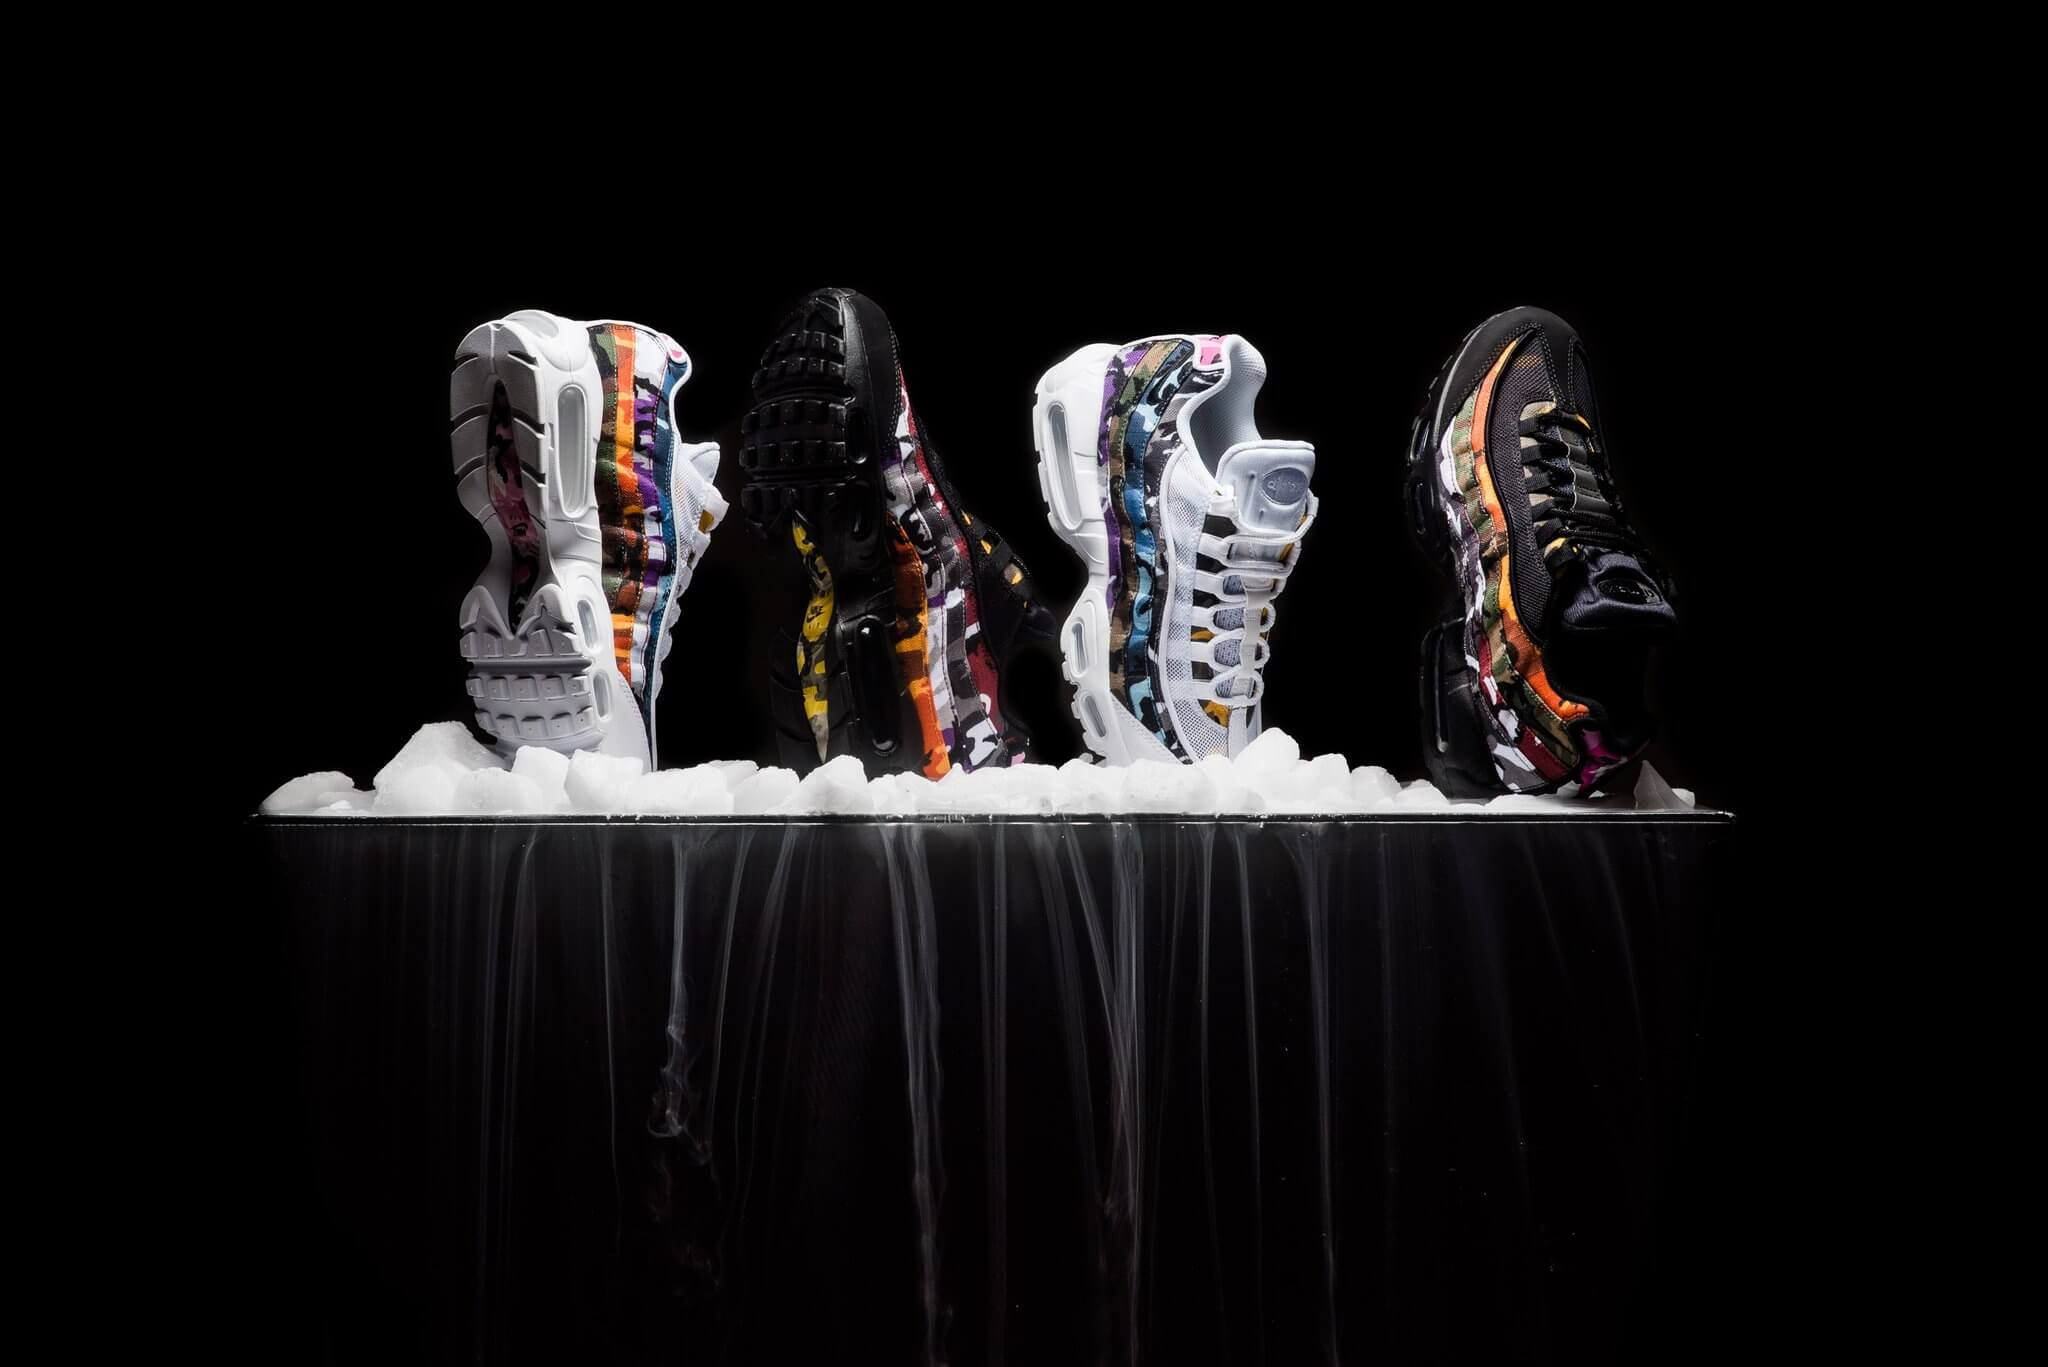 Nike-Air-Max-ERDL